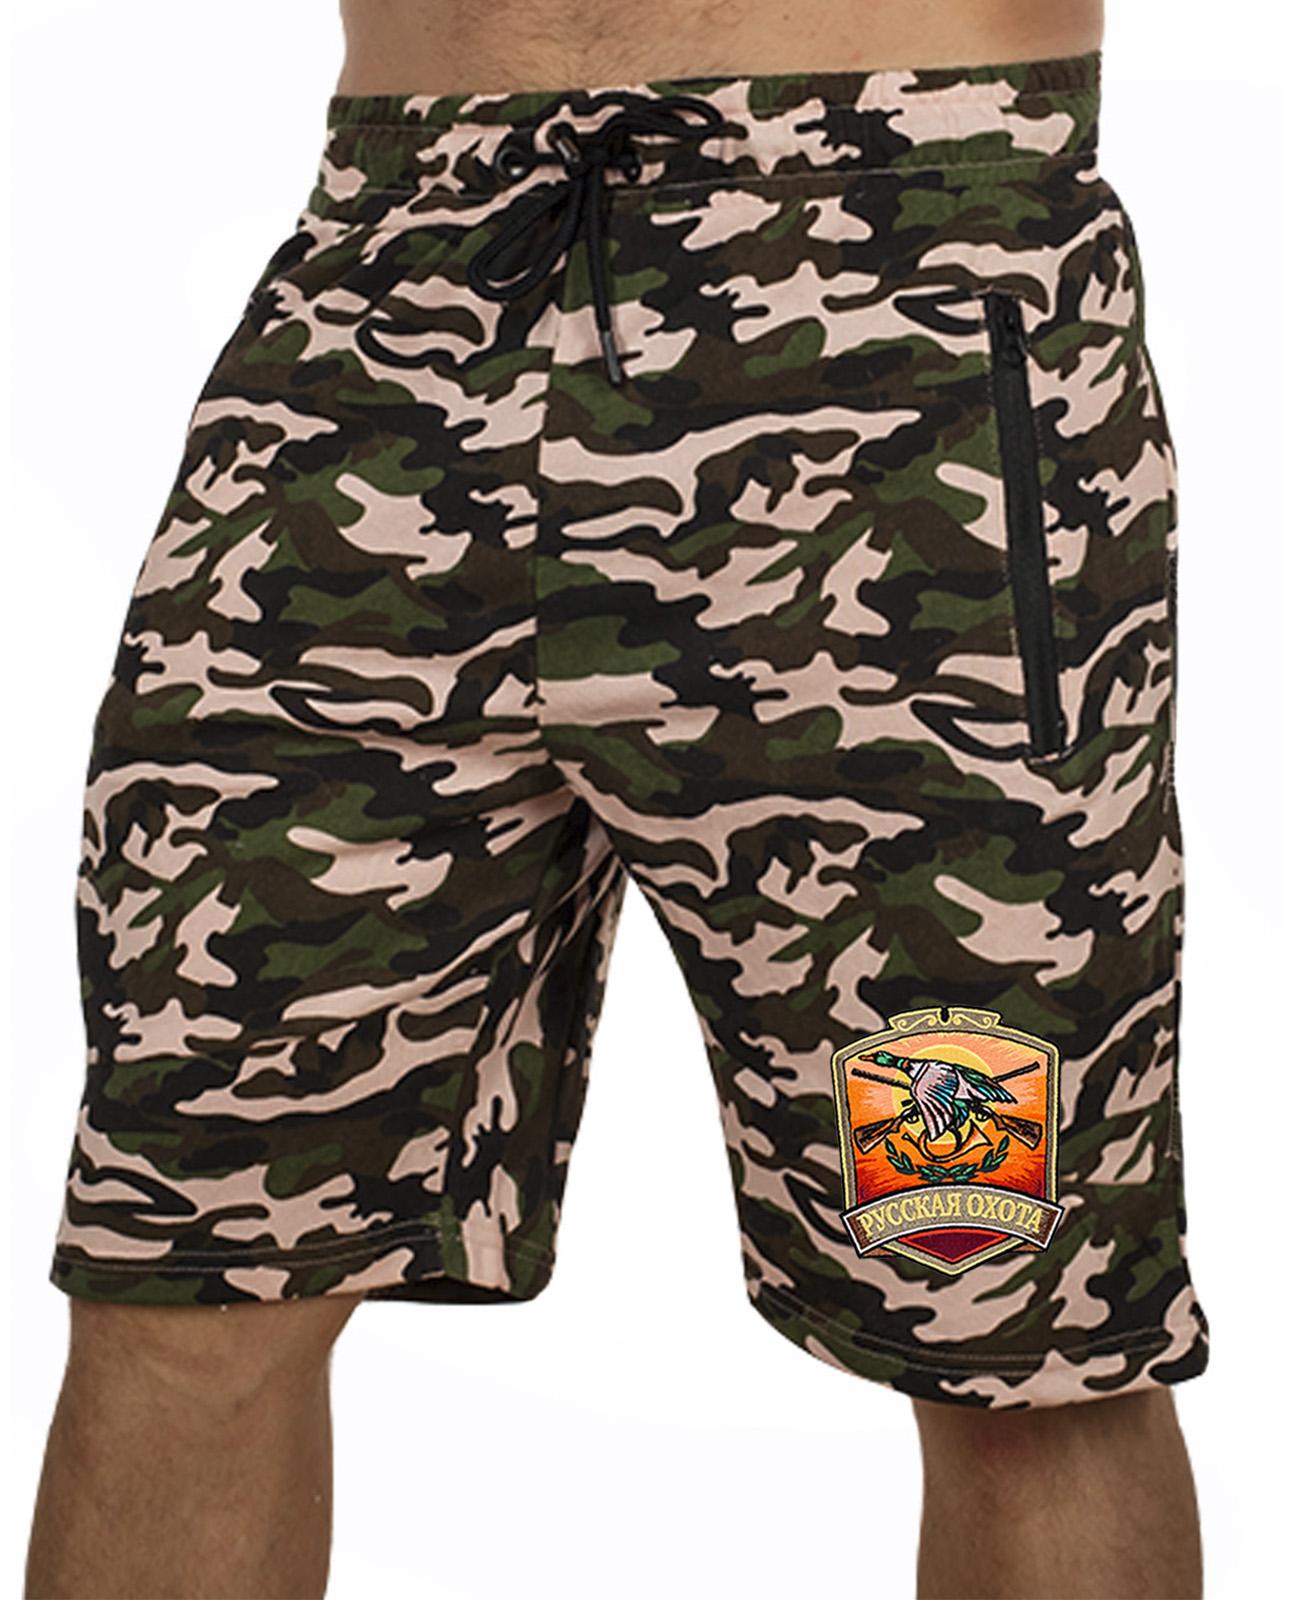 Купить охотничьи шорты свободного фасона с нашивкой Русская Охота оптом выгодно